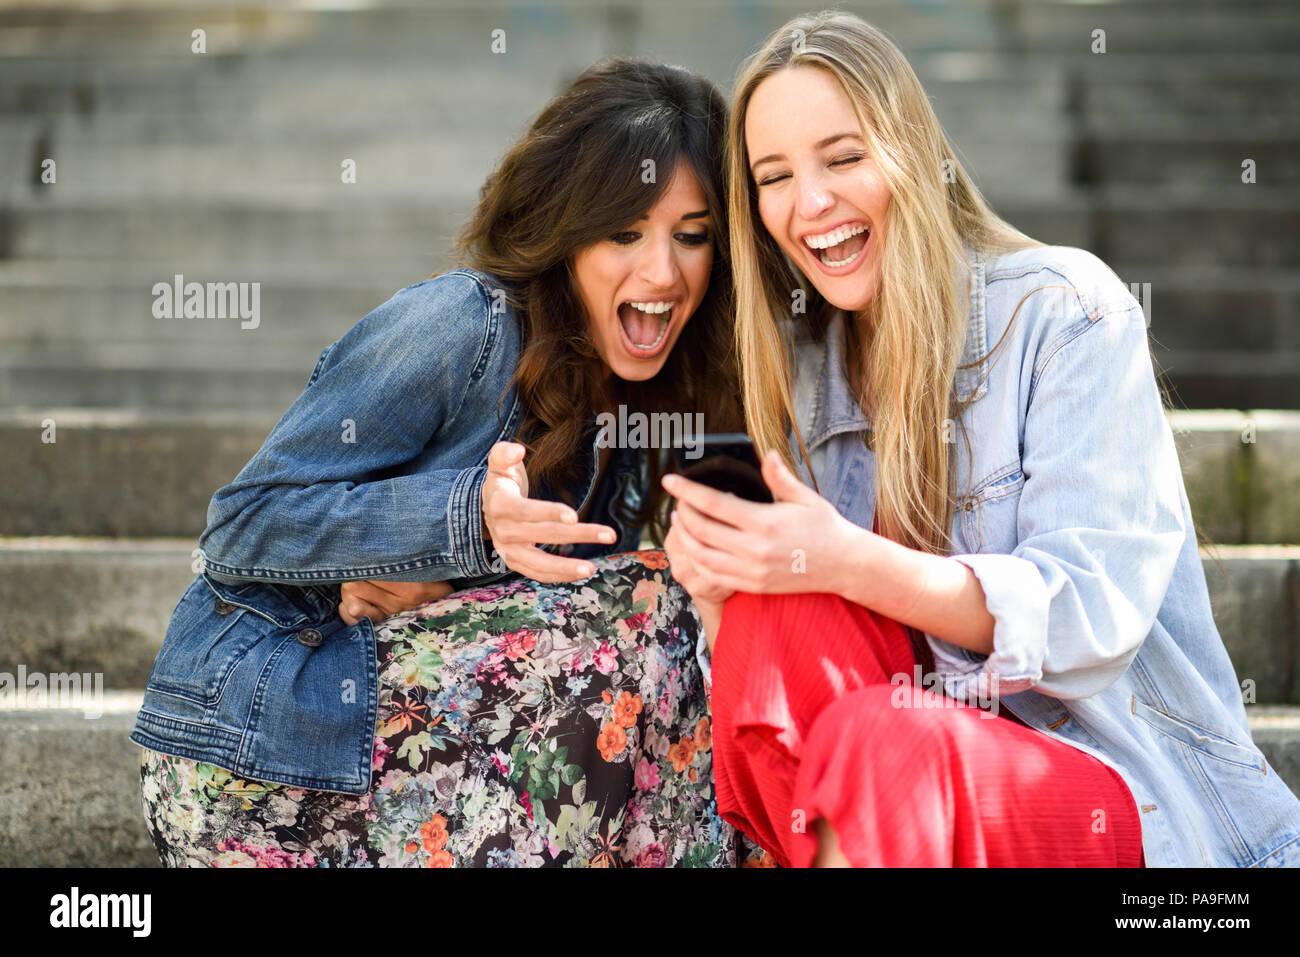 Due giovani donne guardando alcune divertenti cosa sulla loro smart phone all'aperto, seduti su fasi urbane. Gli amici le ragazze a ridere. Immagini Stock